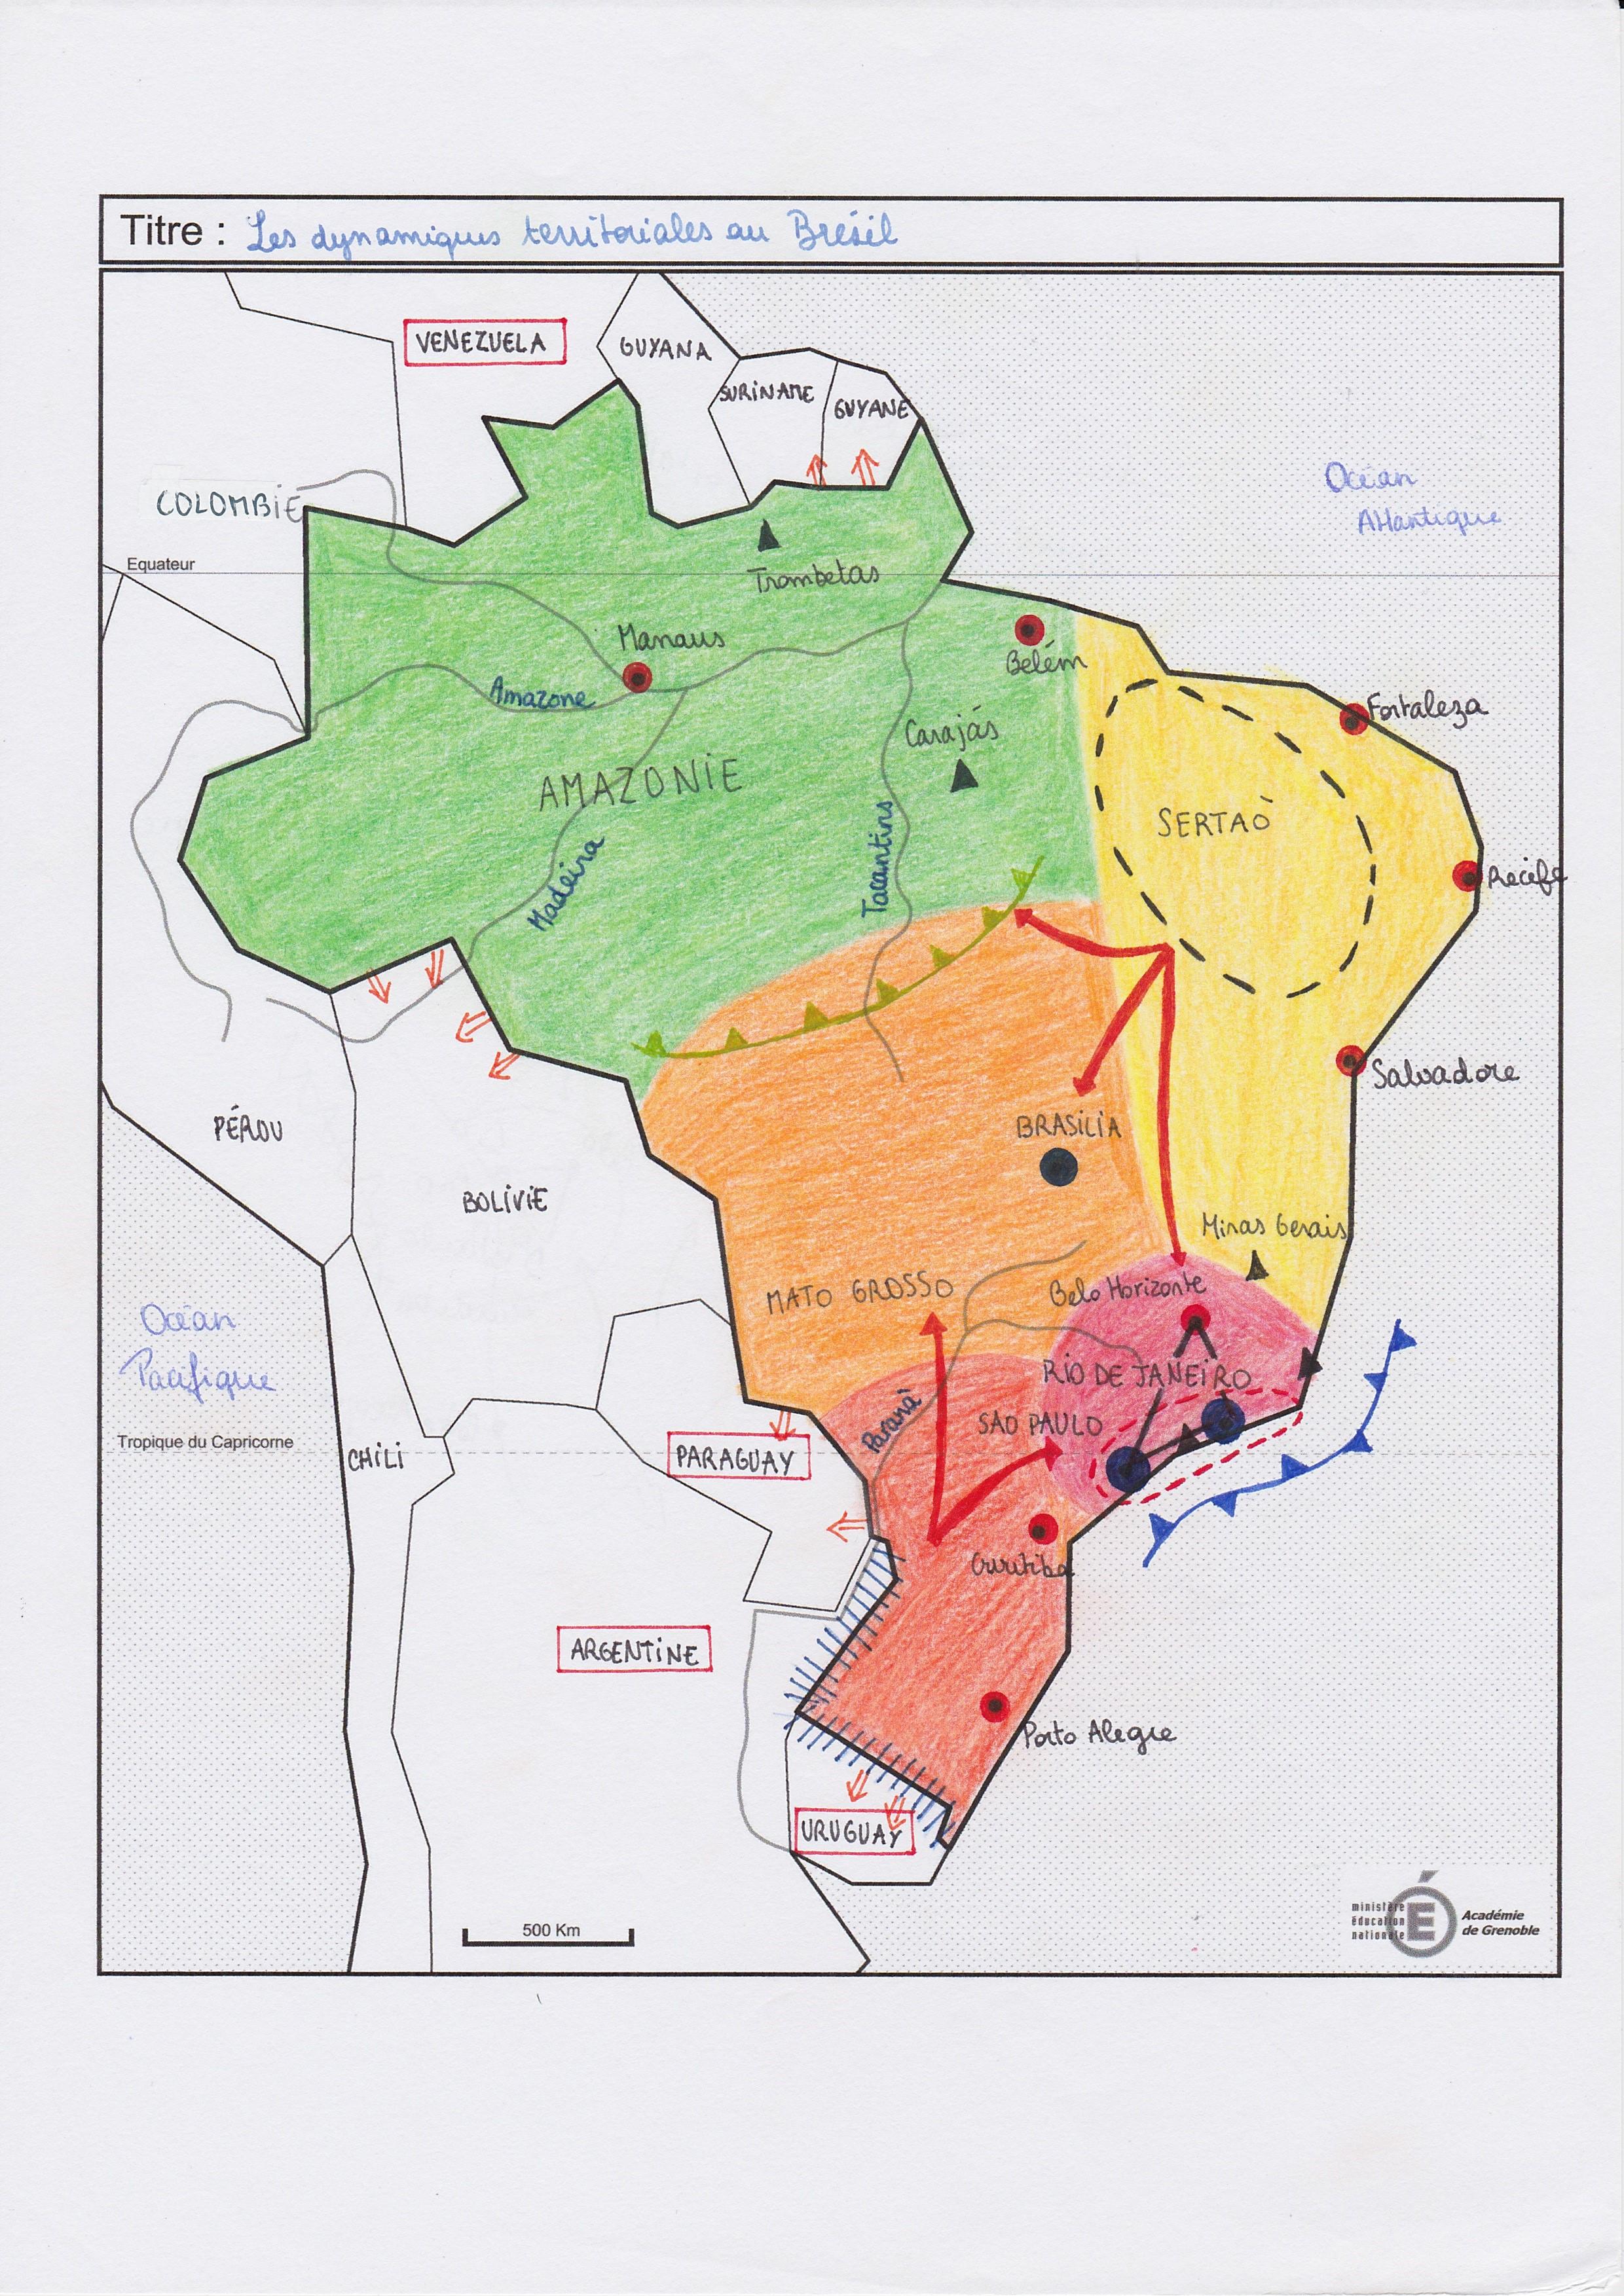 carte bresil terminale s Croquis: Les dynamiques territoriales du Brésil